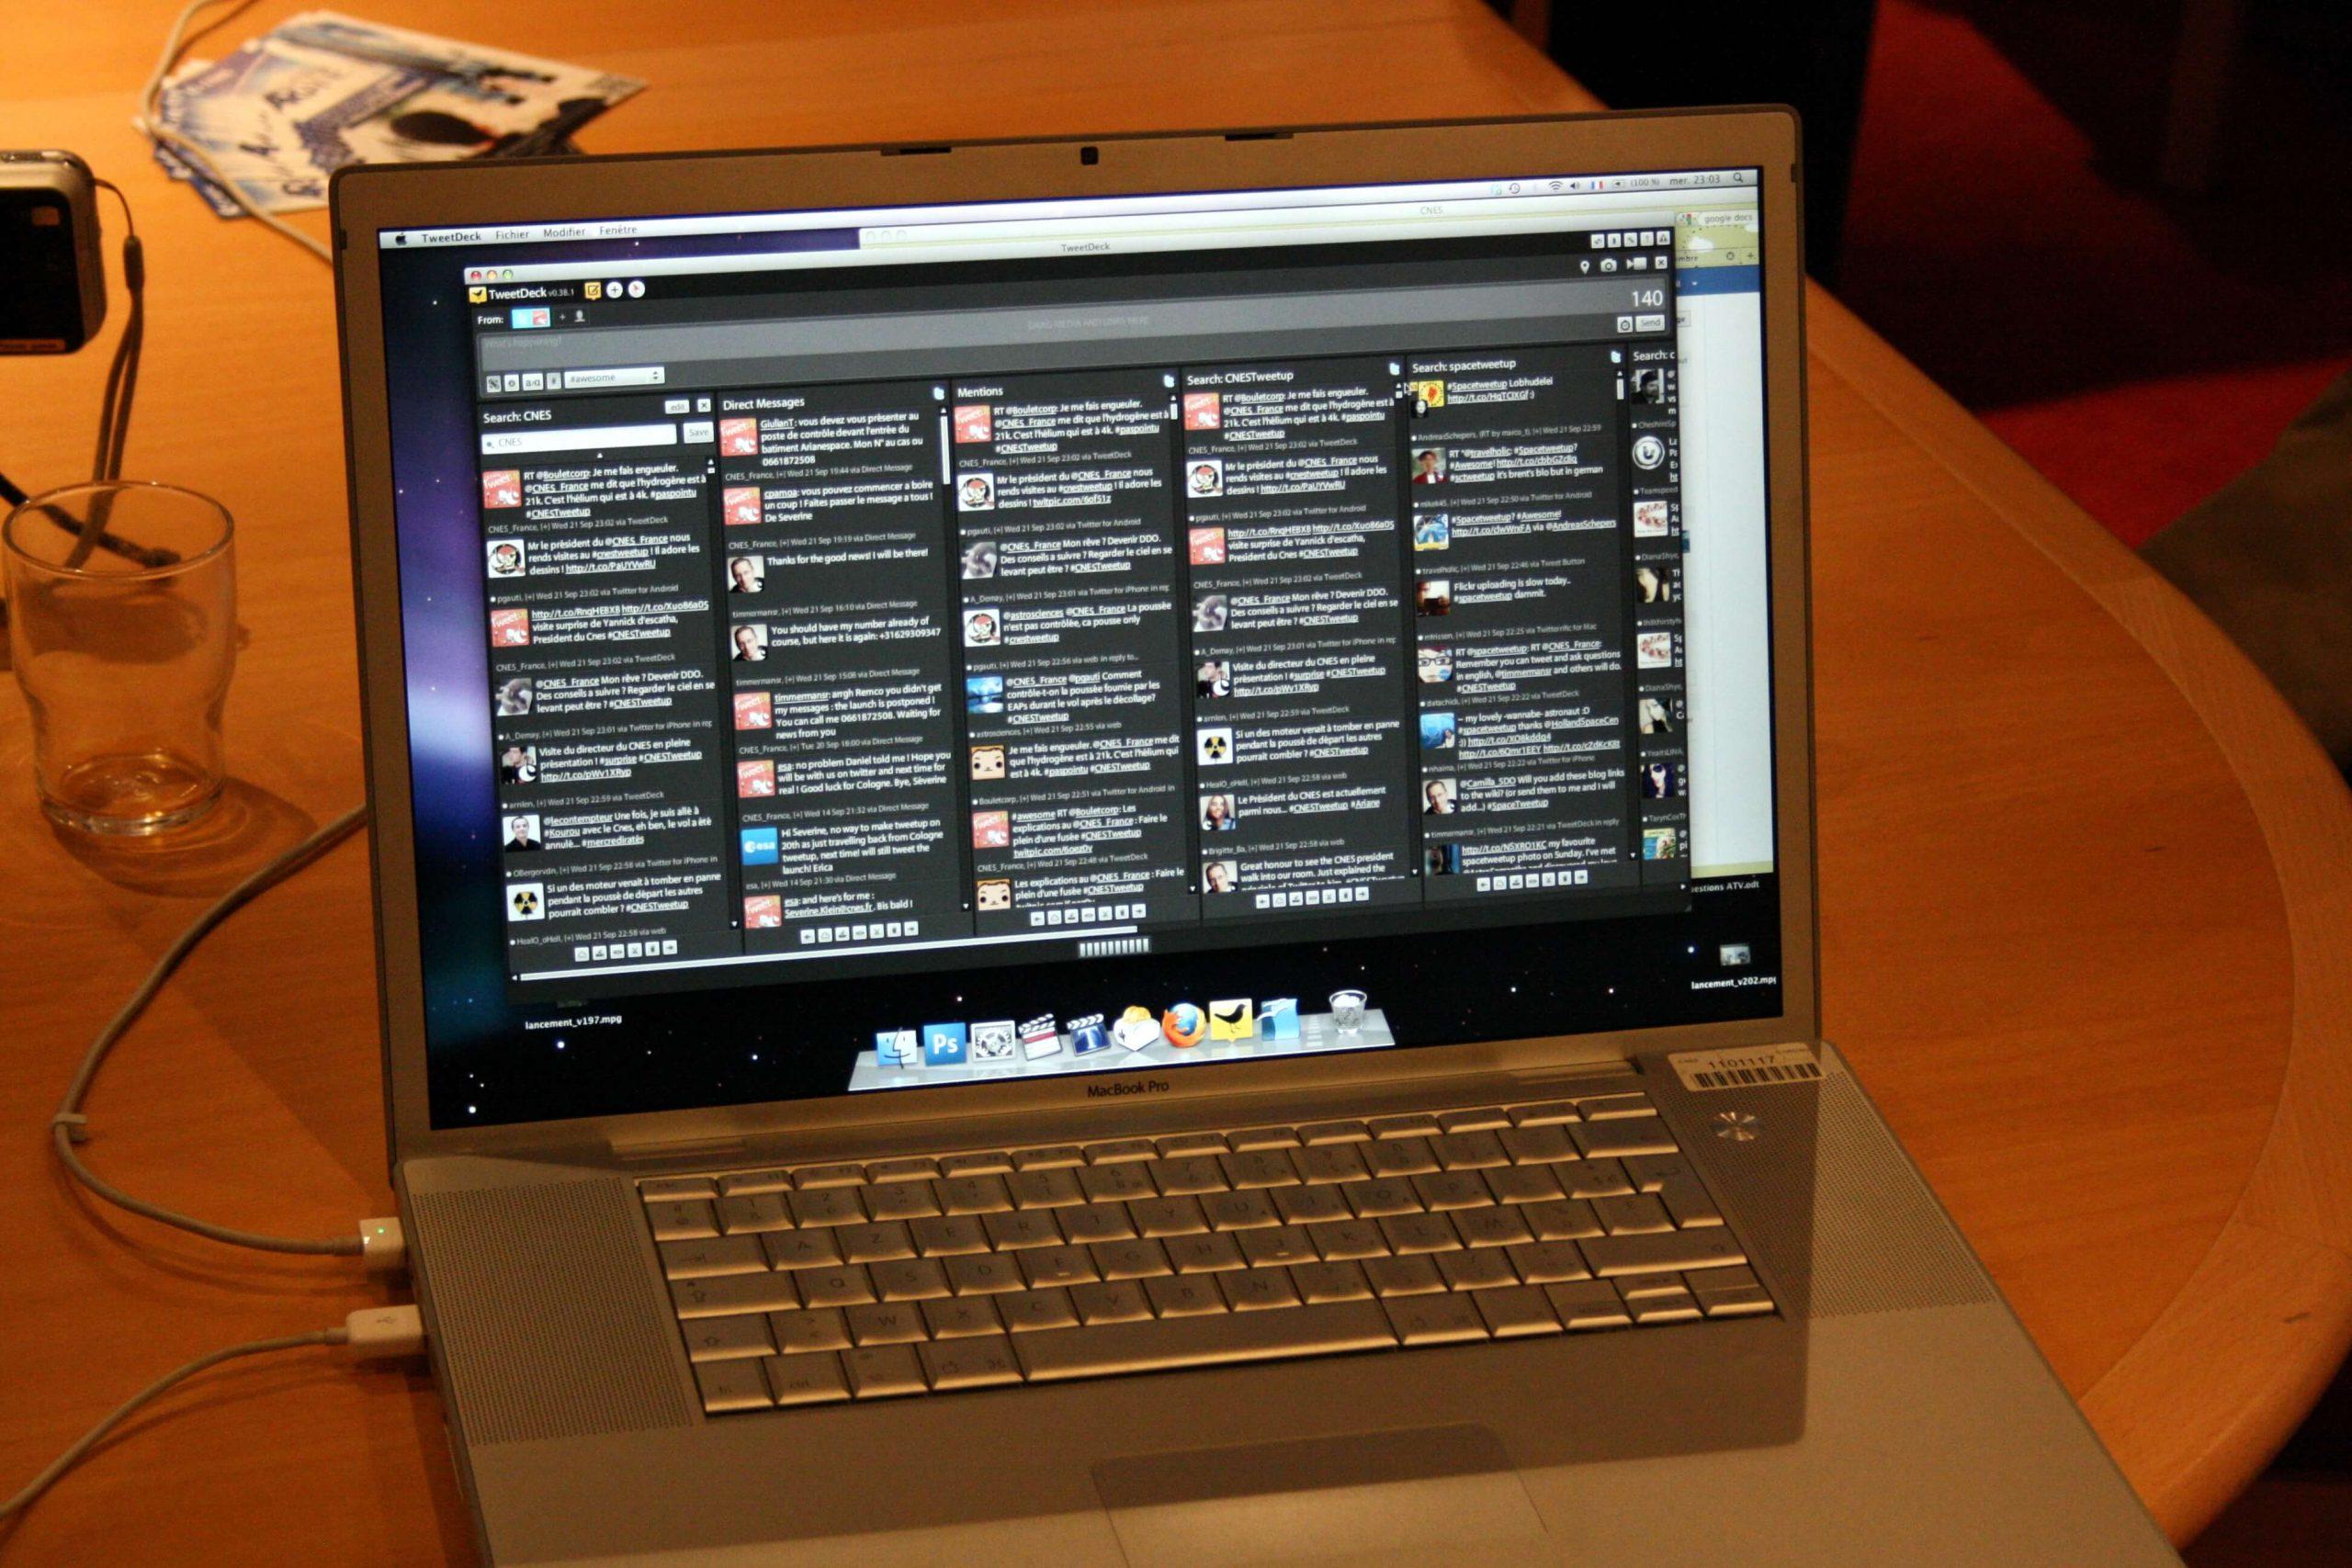 pembaruan-untuk-tweetdeck